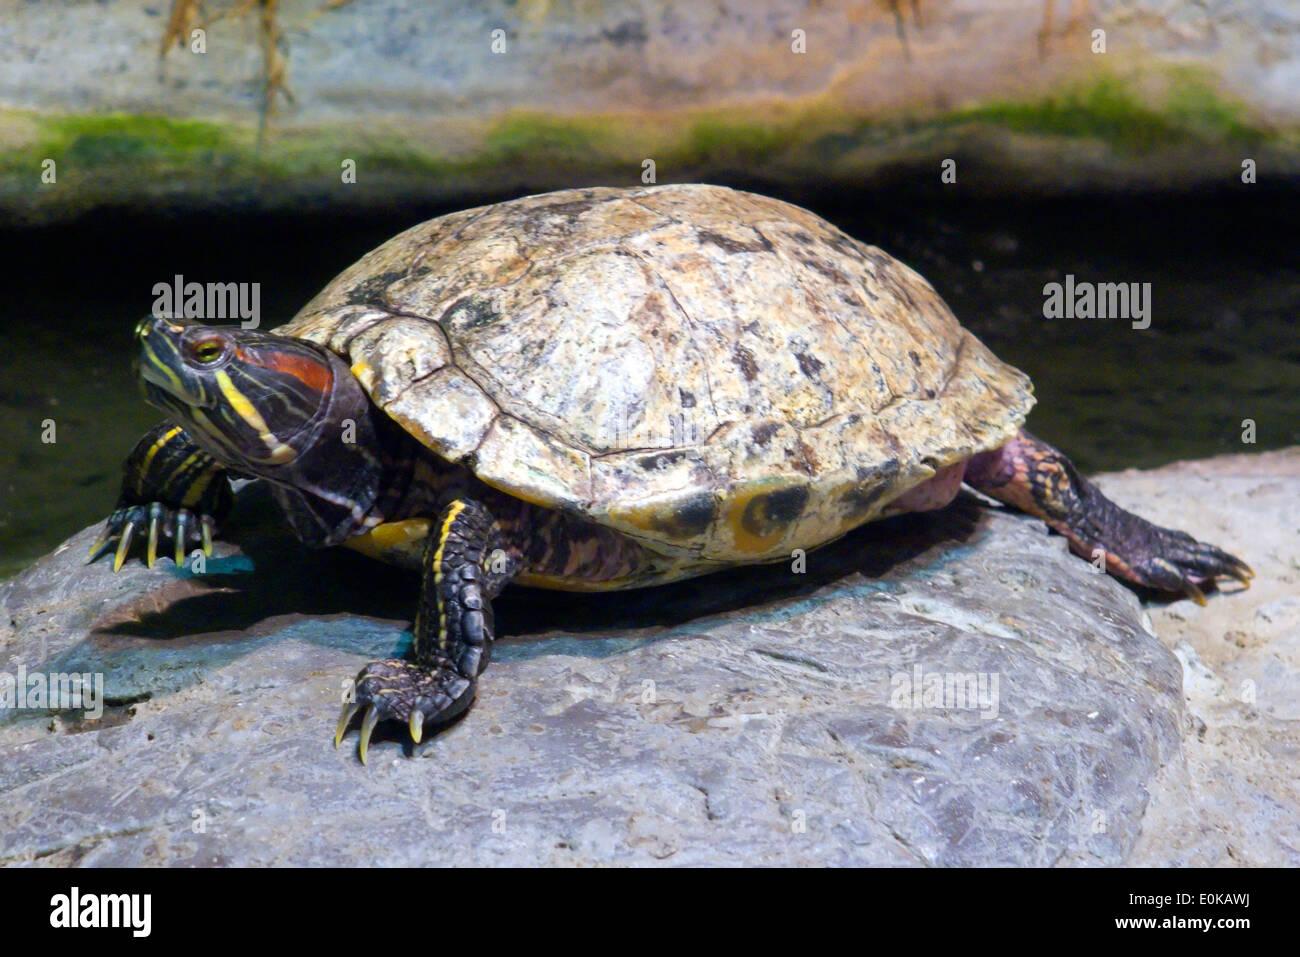 Florida Cooter tartaruga (Penisola) Cooter - Floridana peninsularis Immagini Stock